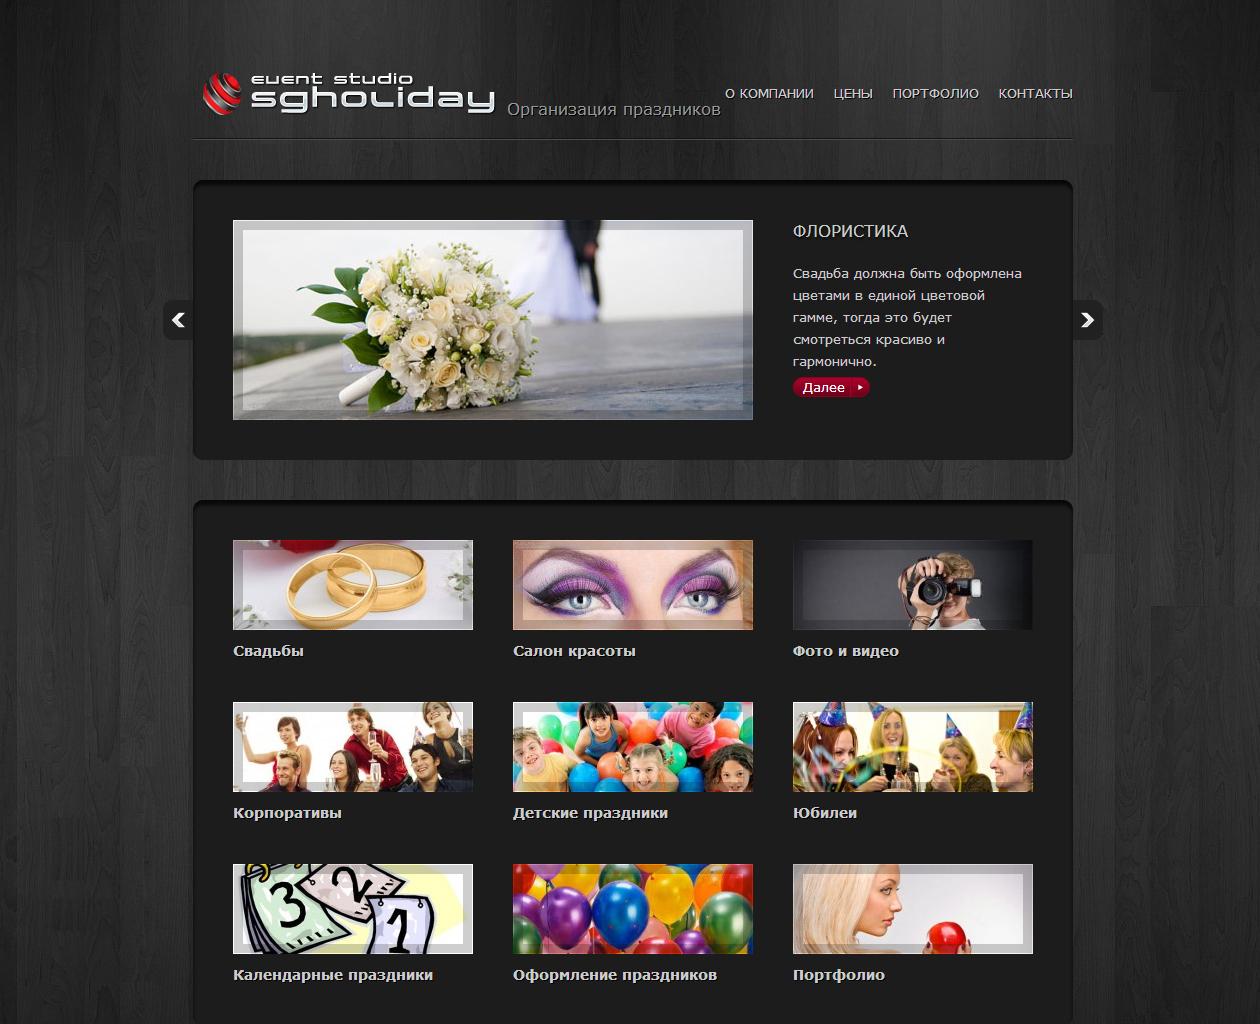 Сайт для Event Studio SGholiday (Харьков)